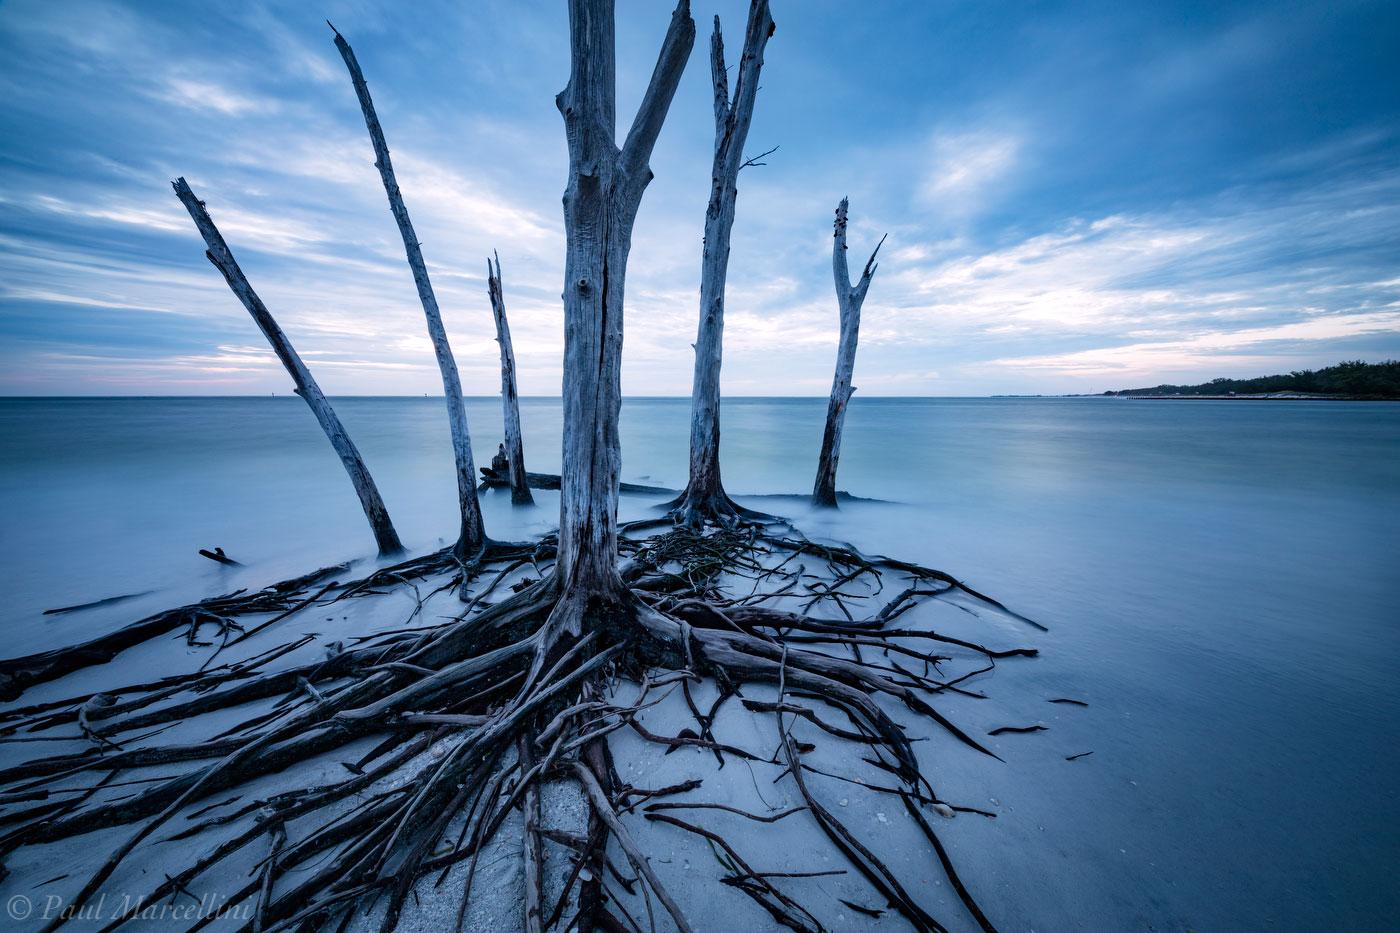 longboat key, florida, nature, photography, photo